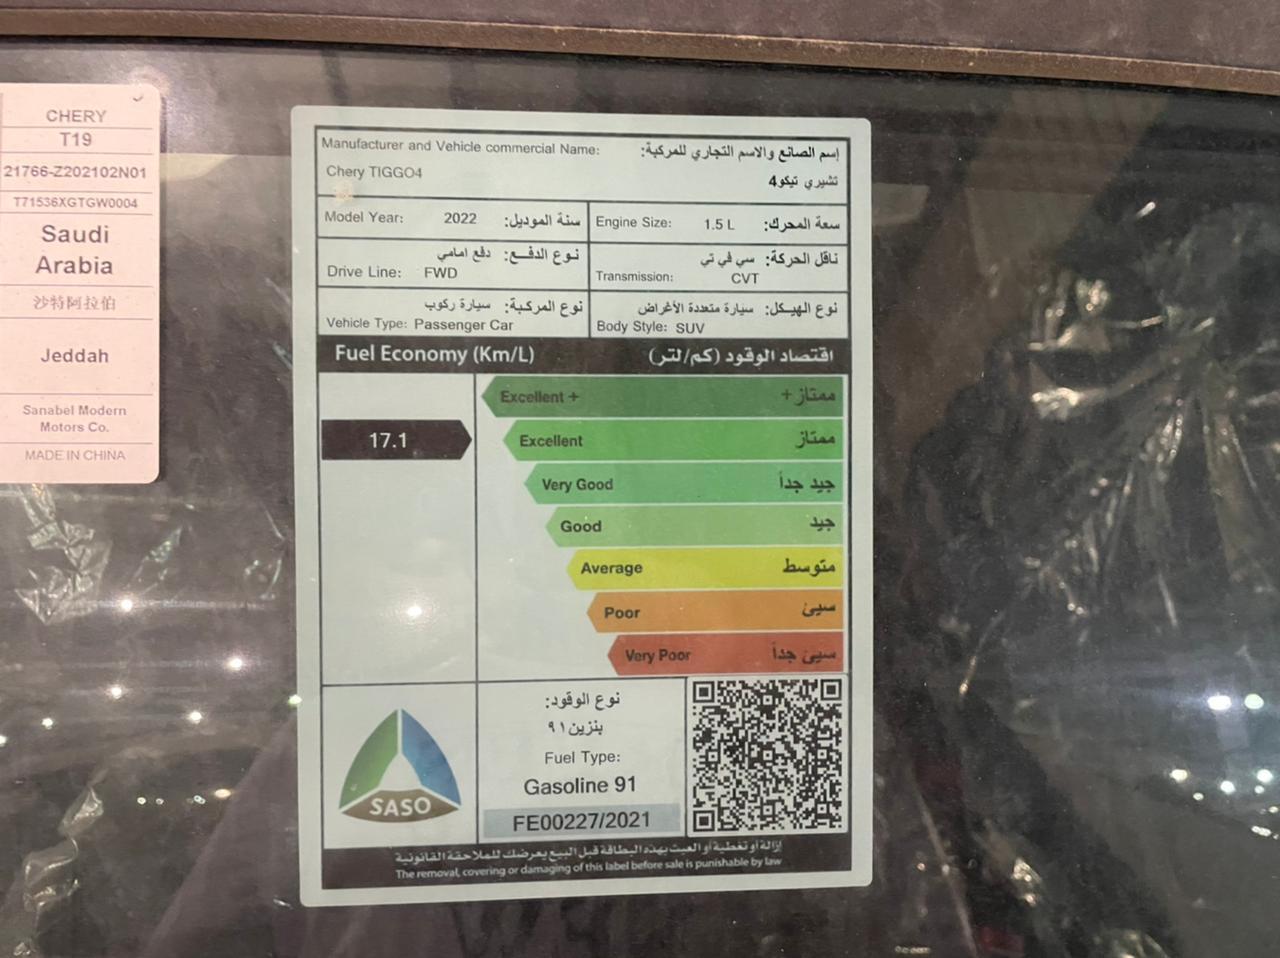 شيري تيجوو 4 2022 نص فل سعودي للبيع في جدة - السعودية - صورة كبيرة - 6